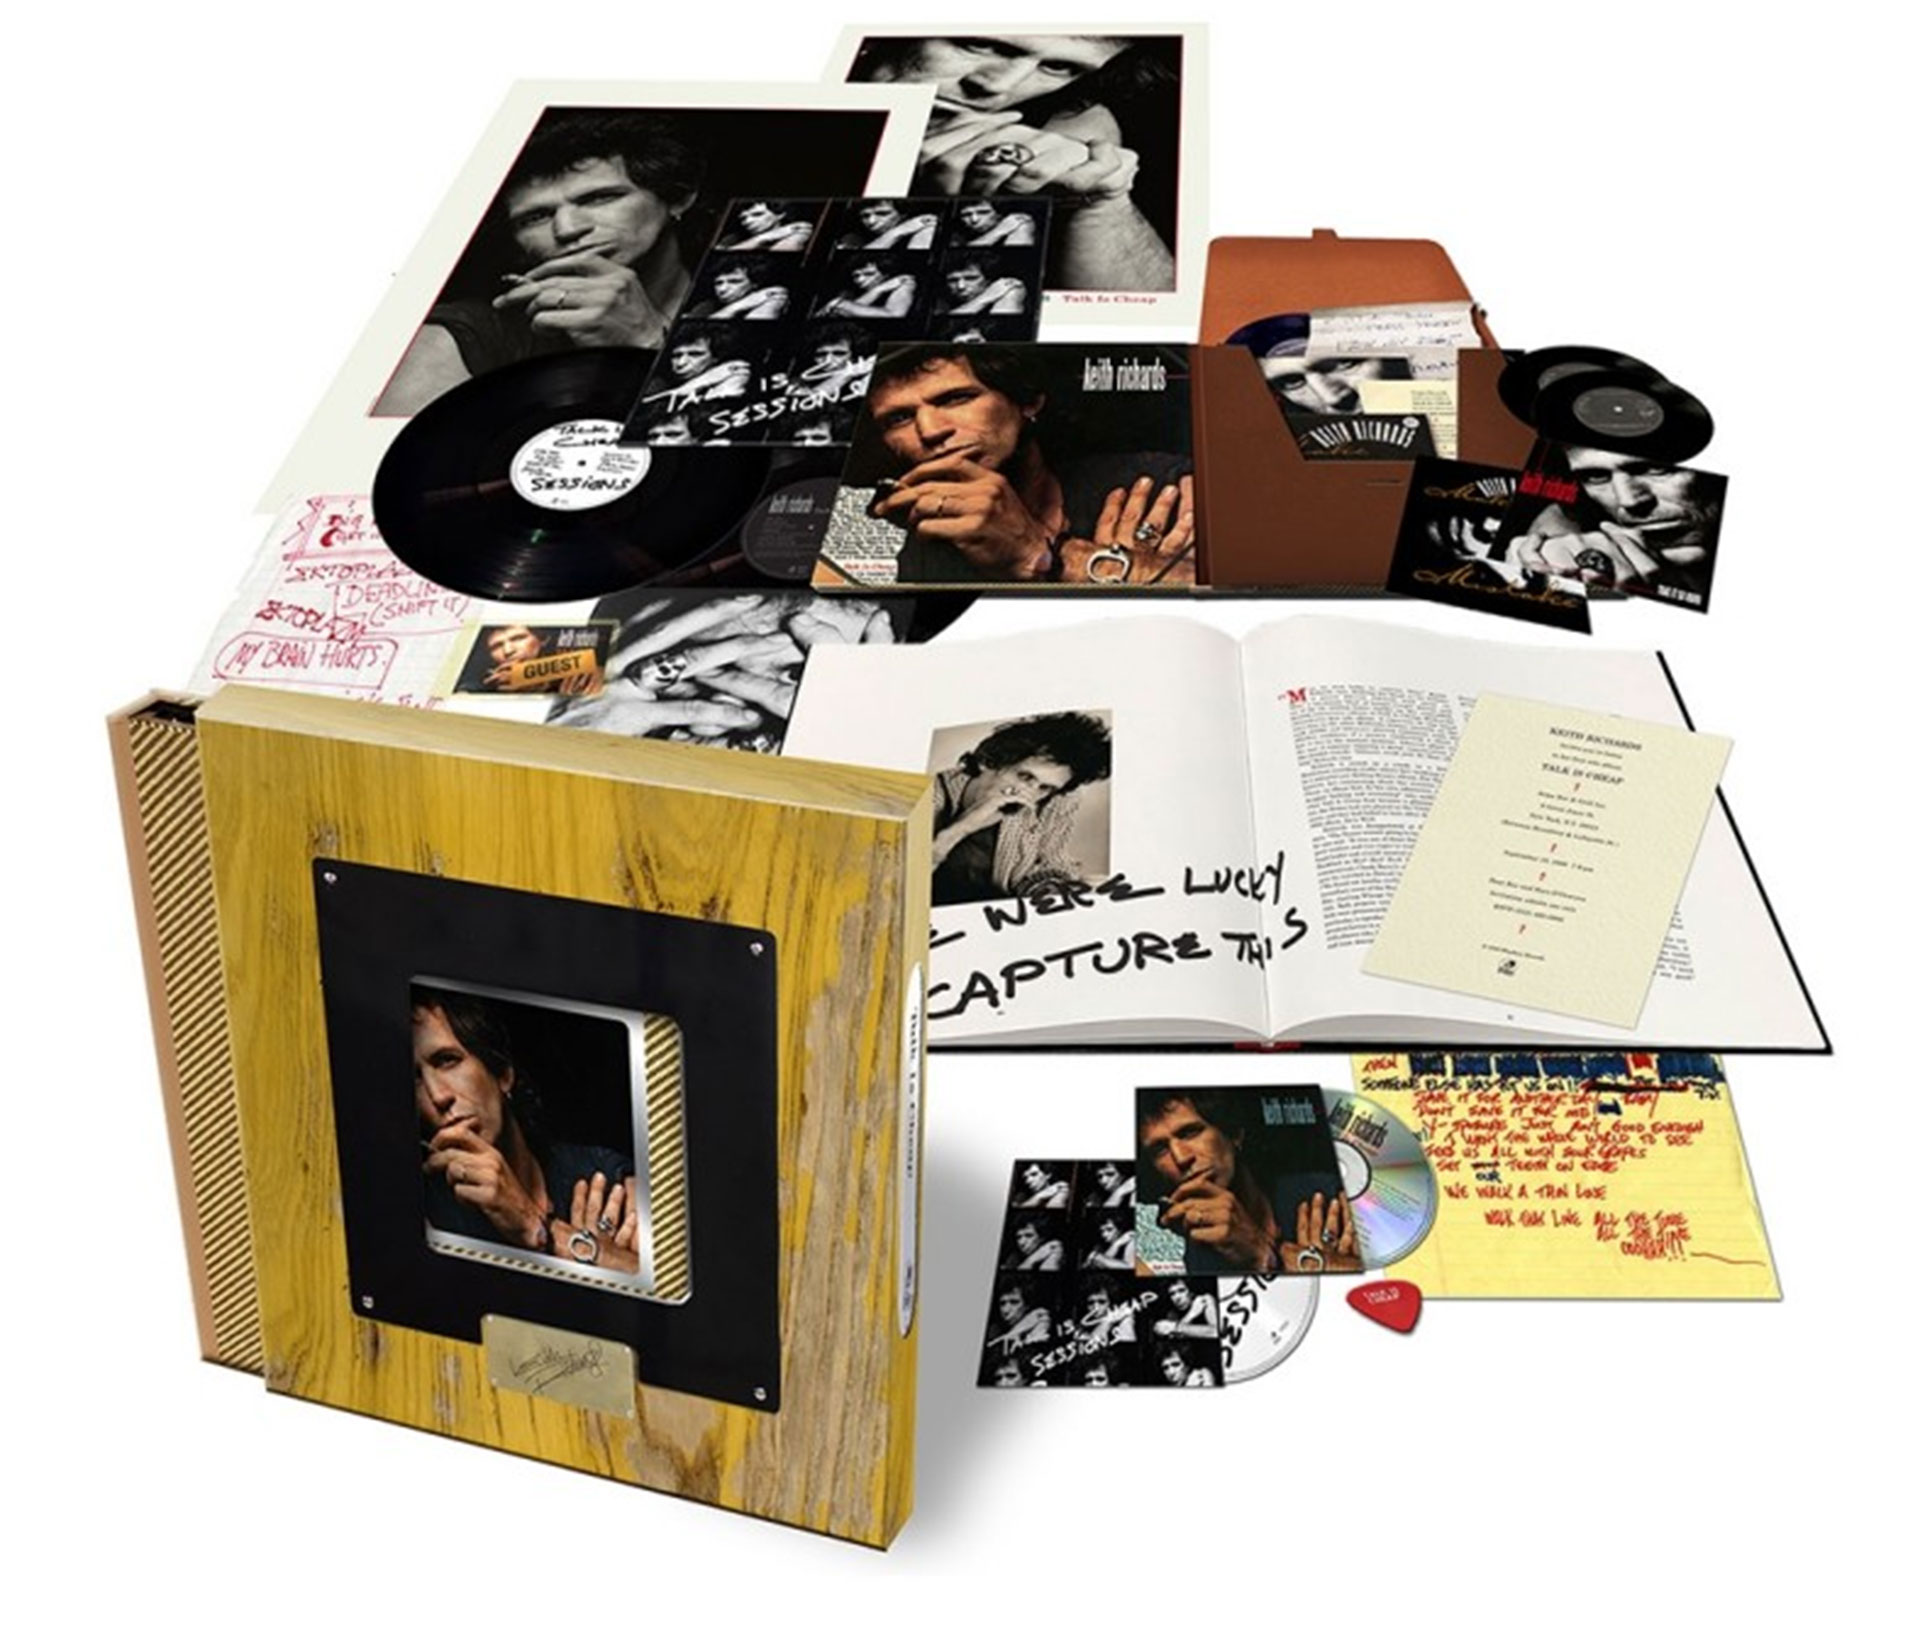 El Box Set Deluxe que salió a la venta con la reedición de Talk is cheap. Foto: Sitio Oficial KR.